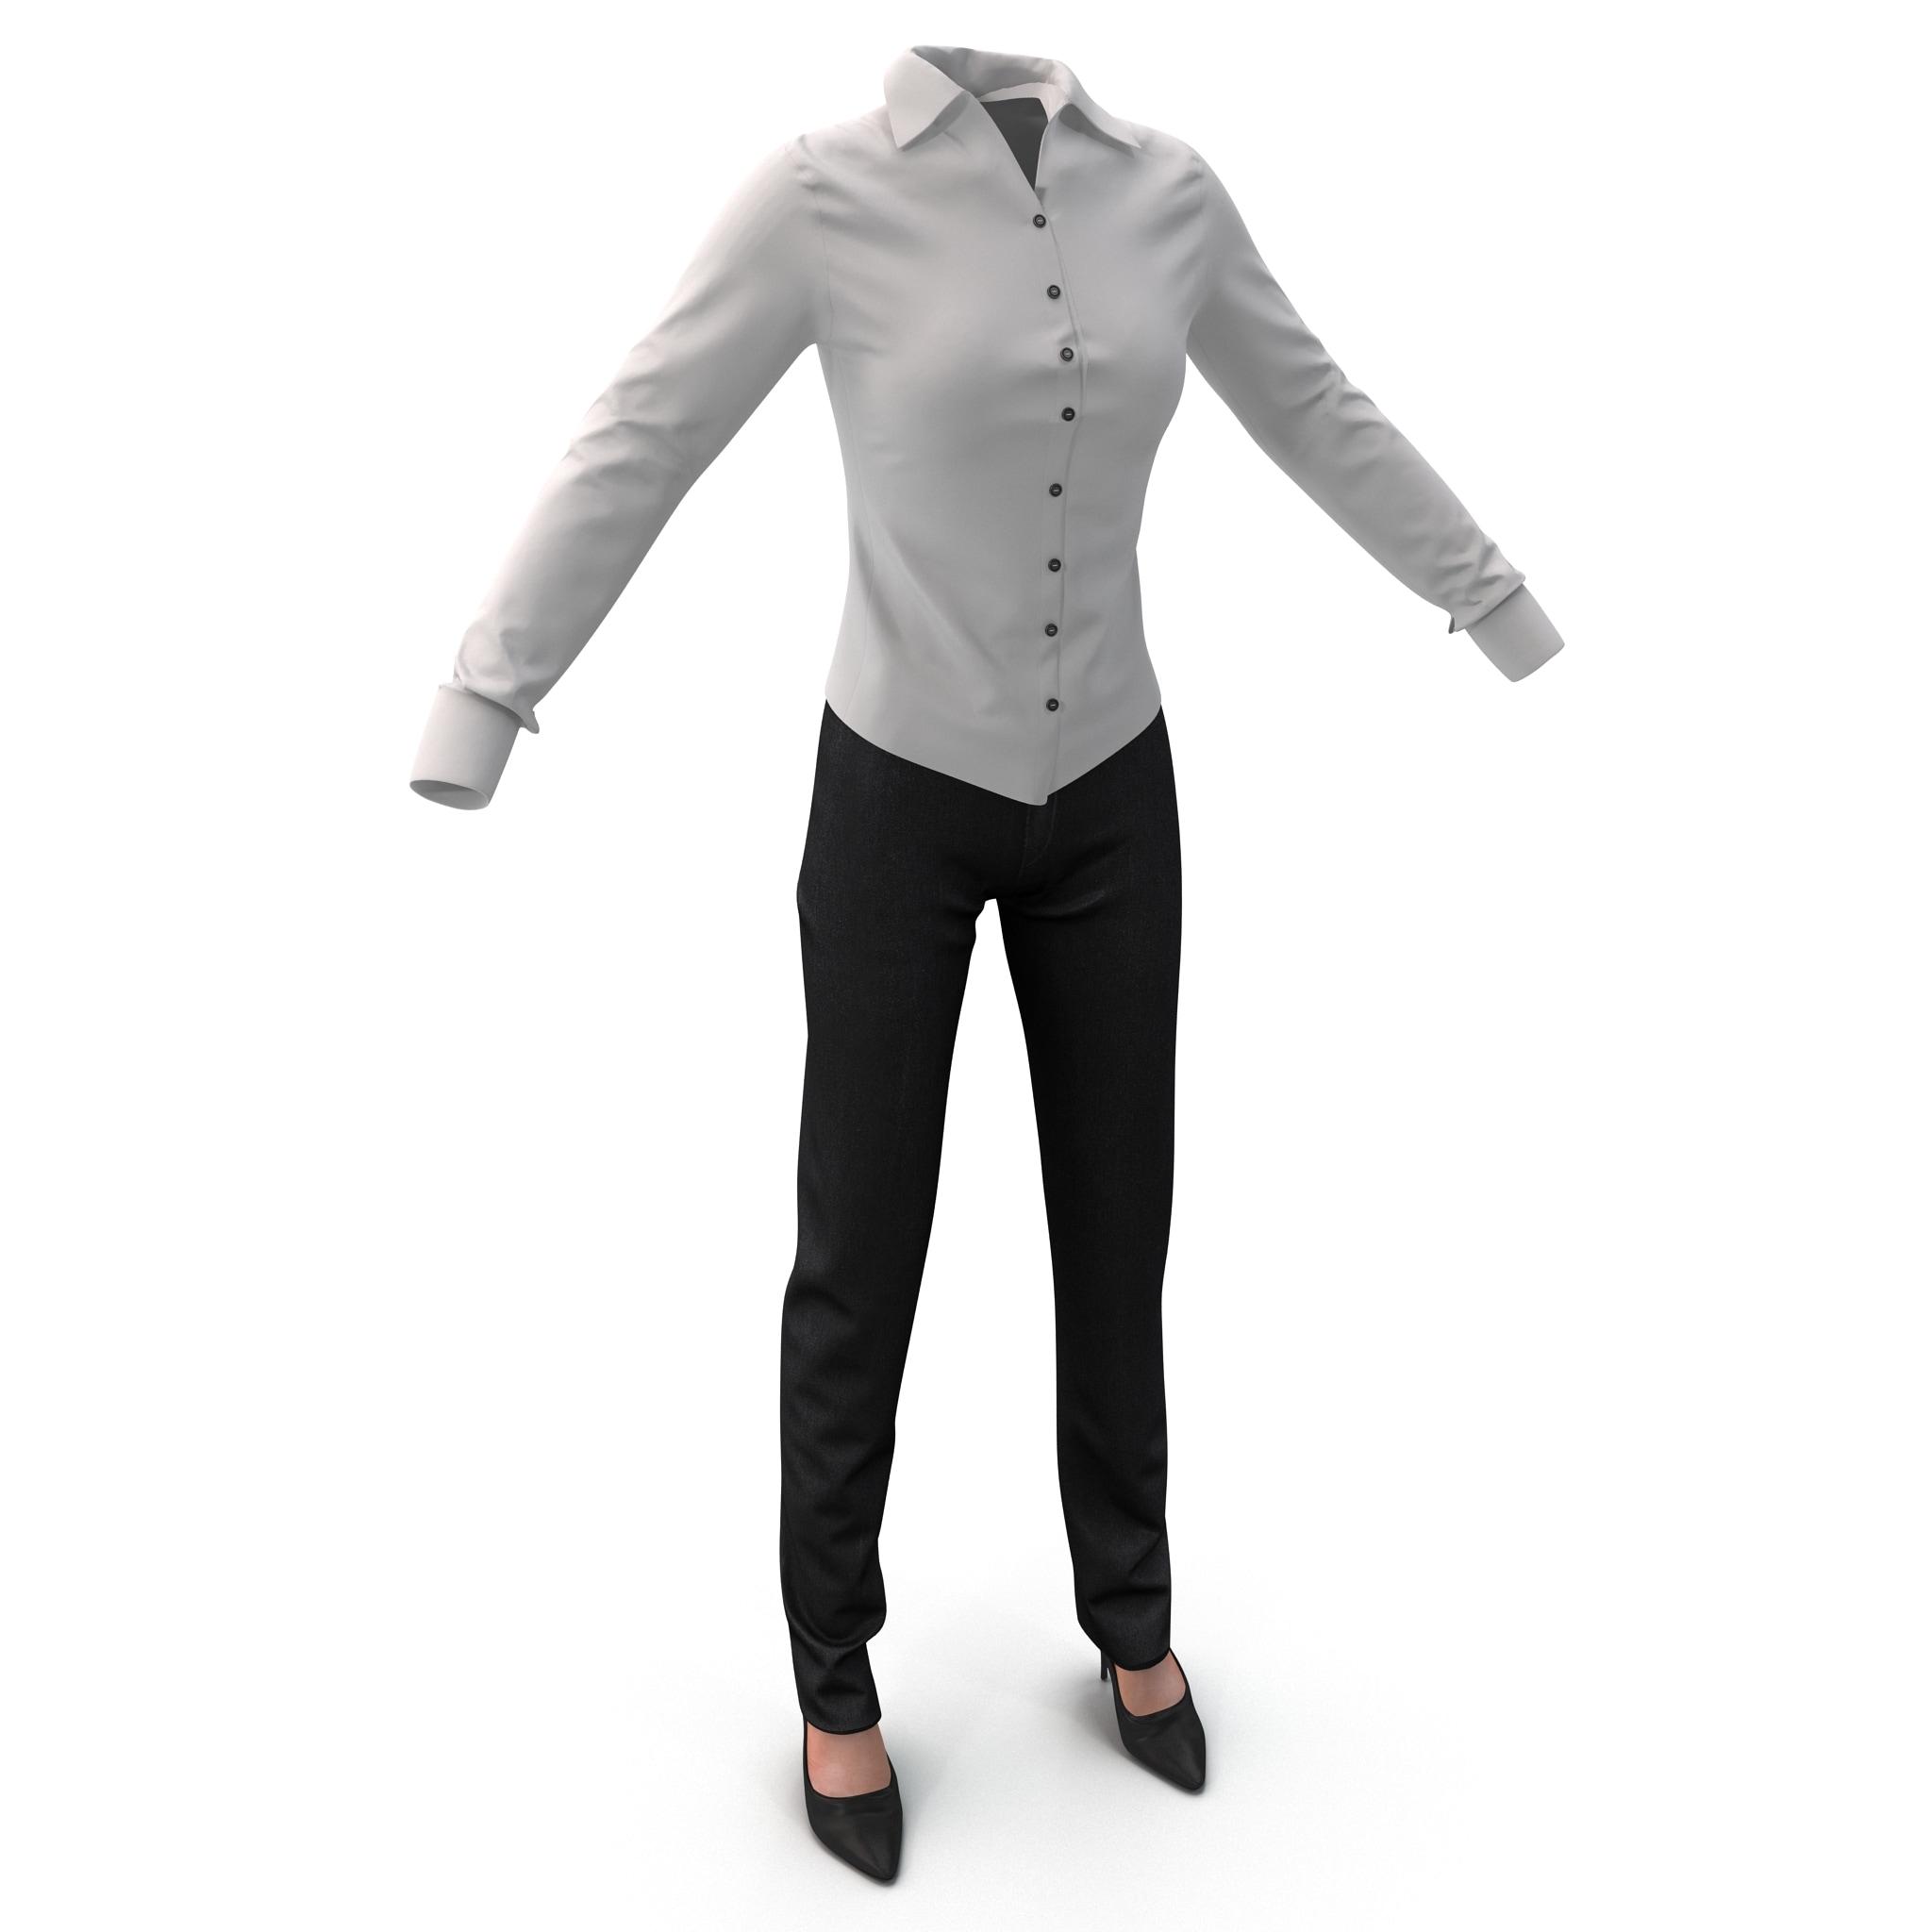 womens shirt slacks 3d model